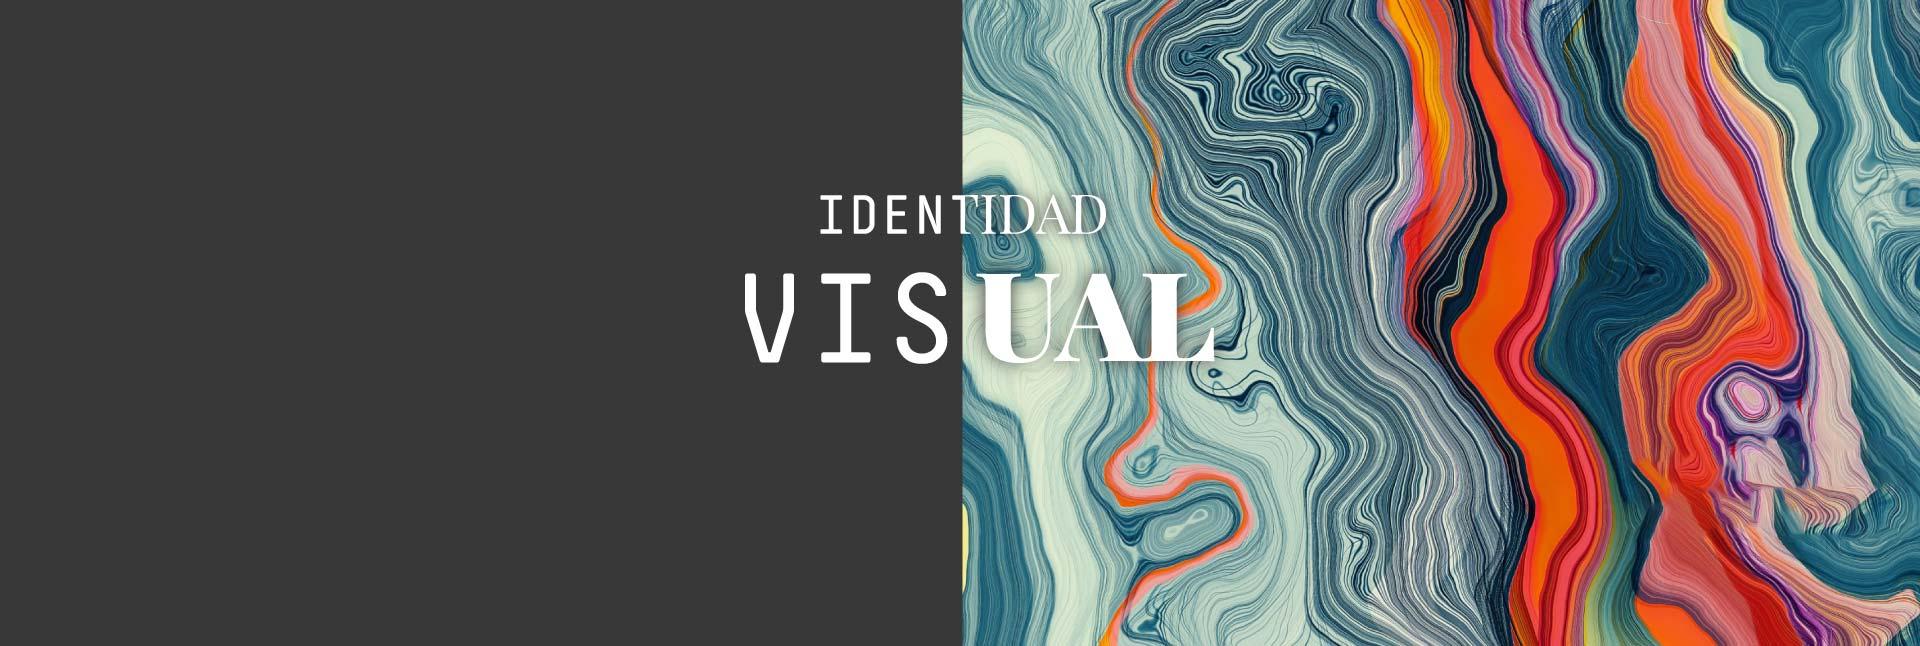 Identidad visual alicante behind